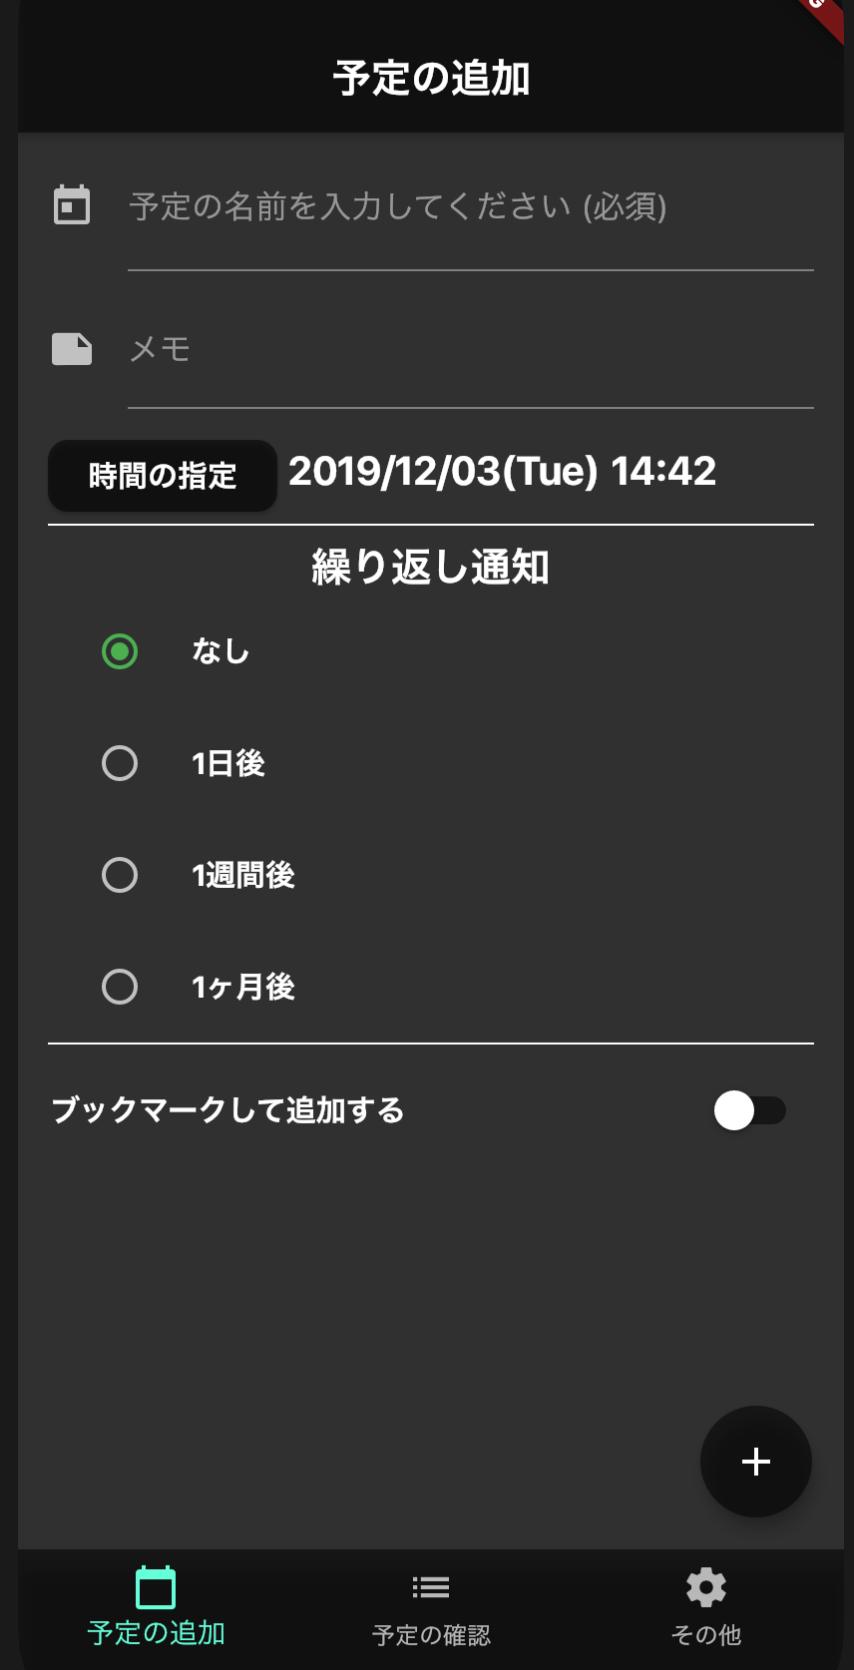 スクリーンショット 2019-12-03 14.52.17.png